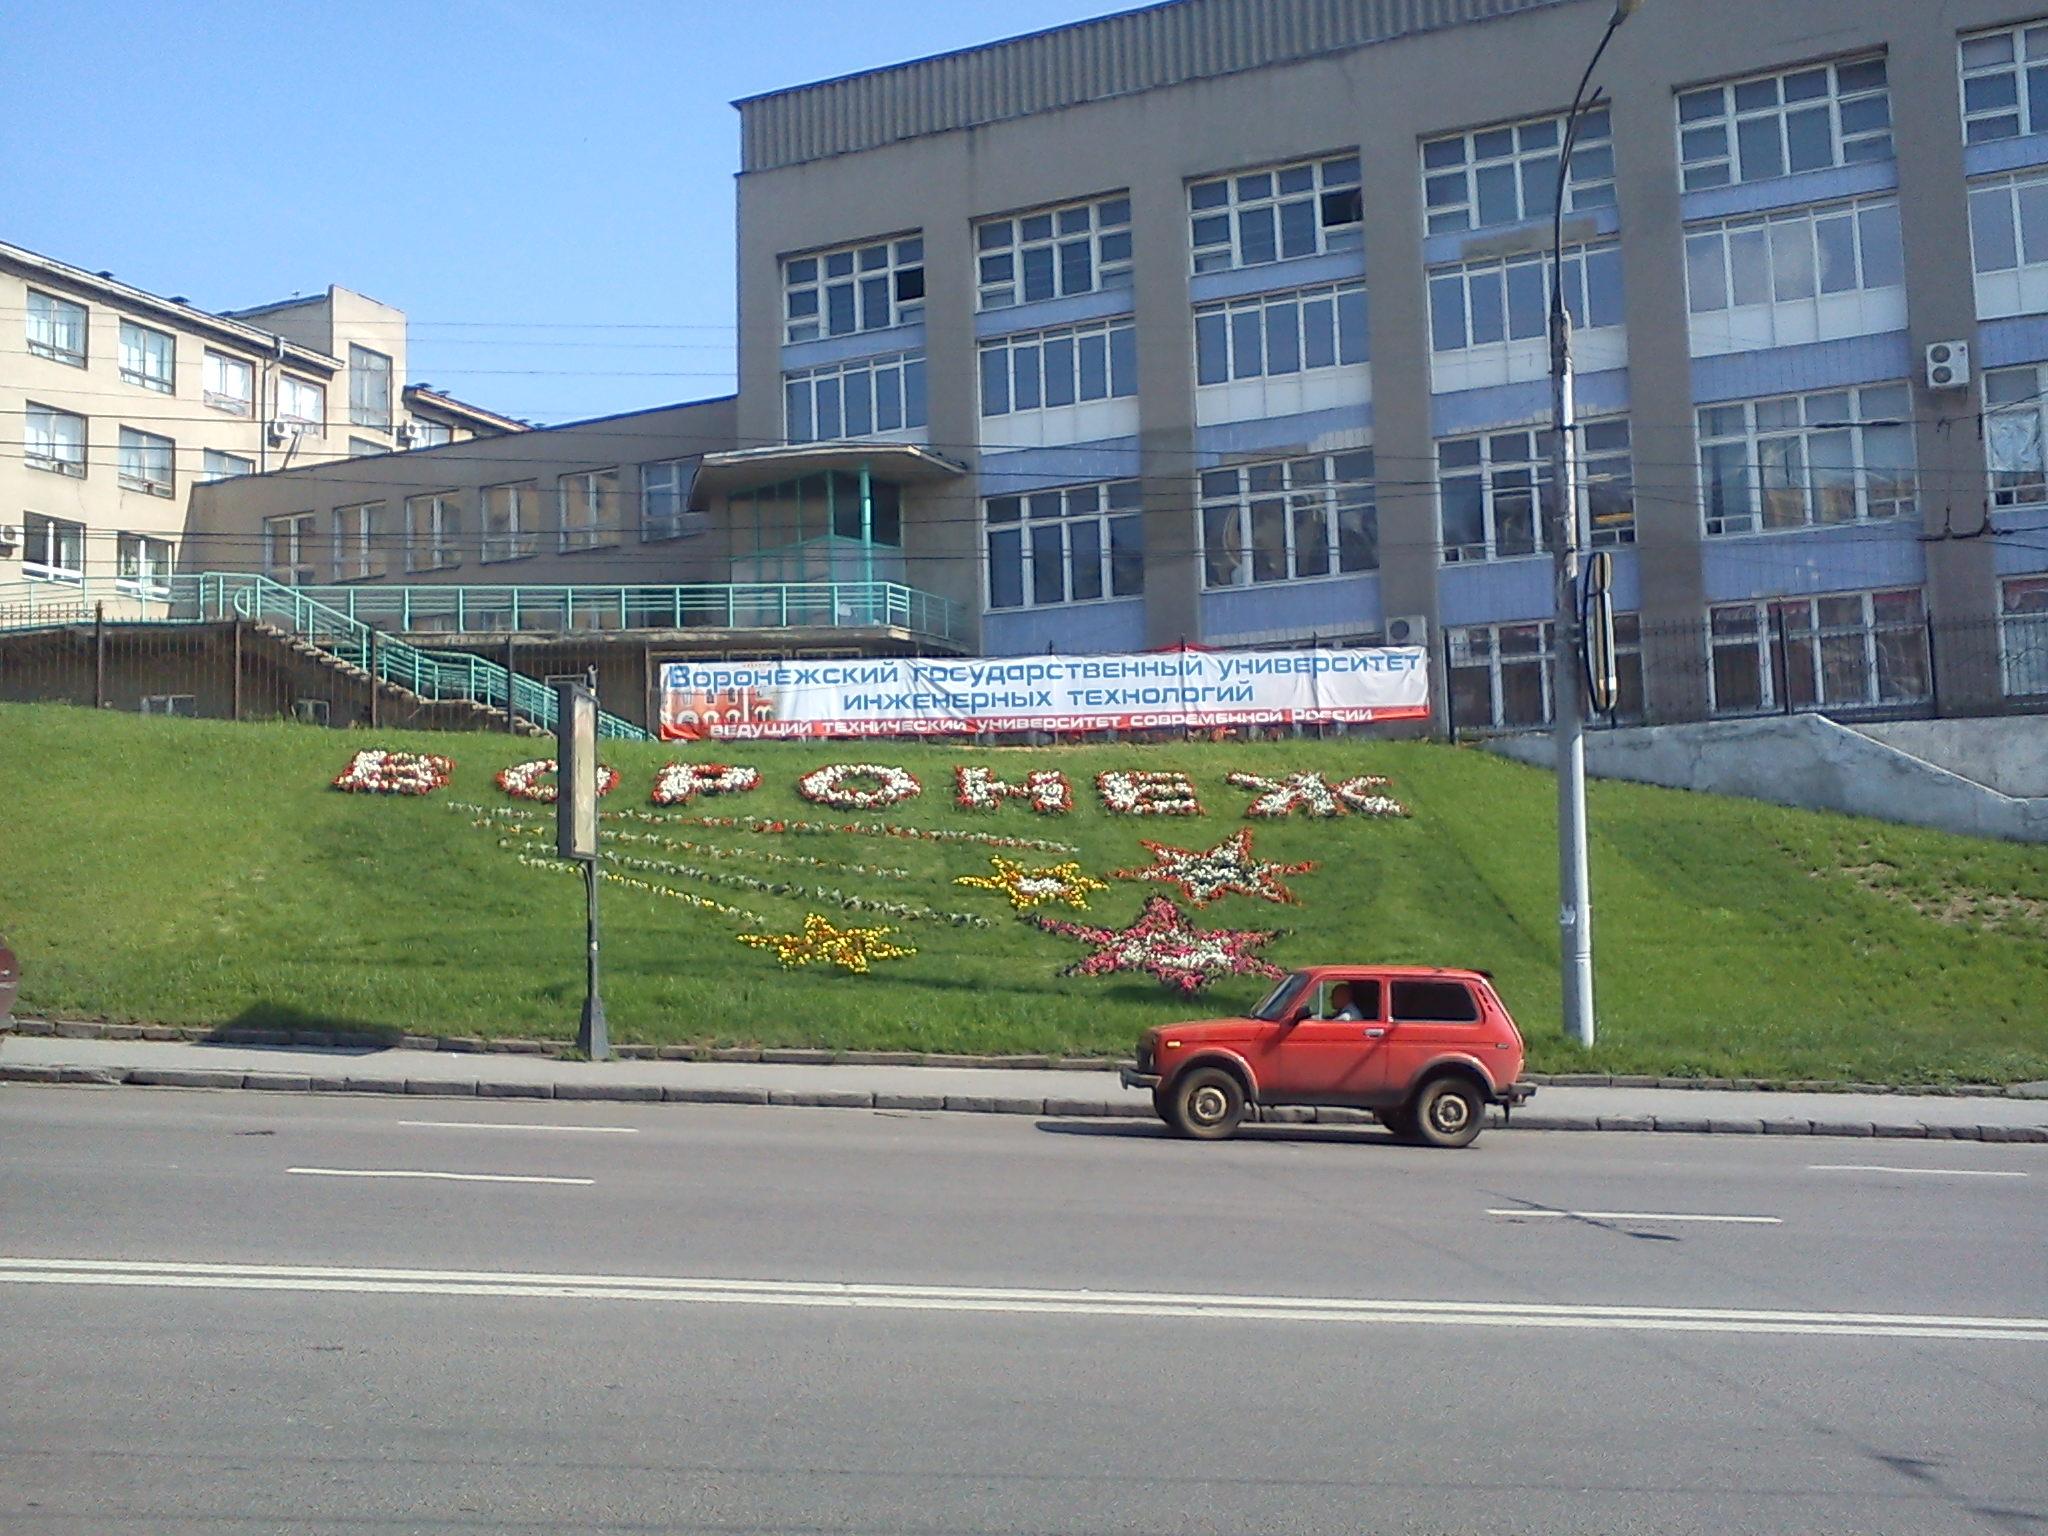 Воронеж-град